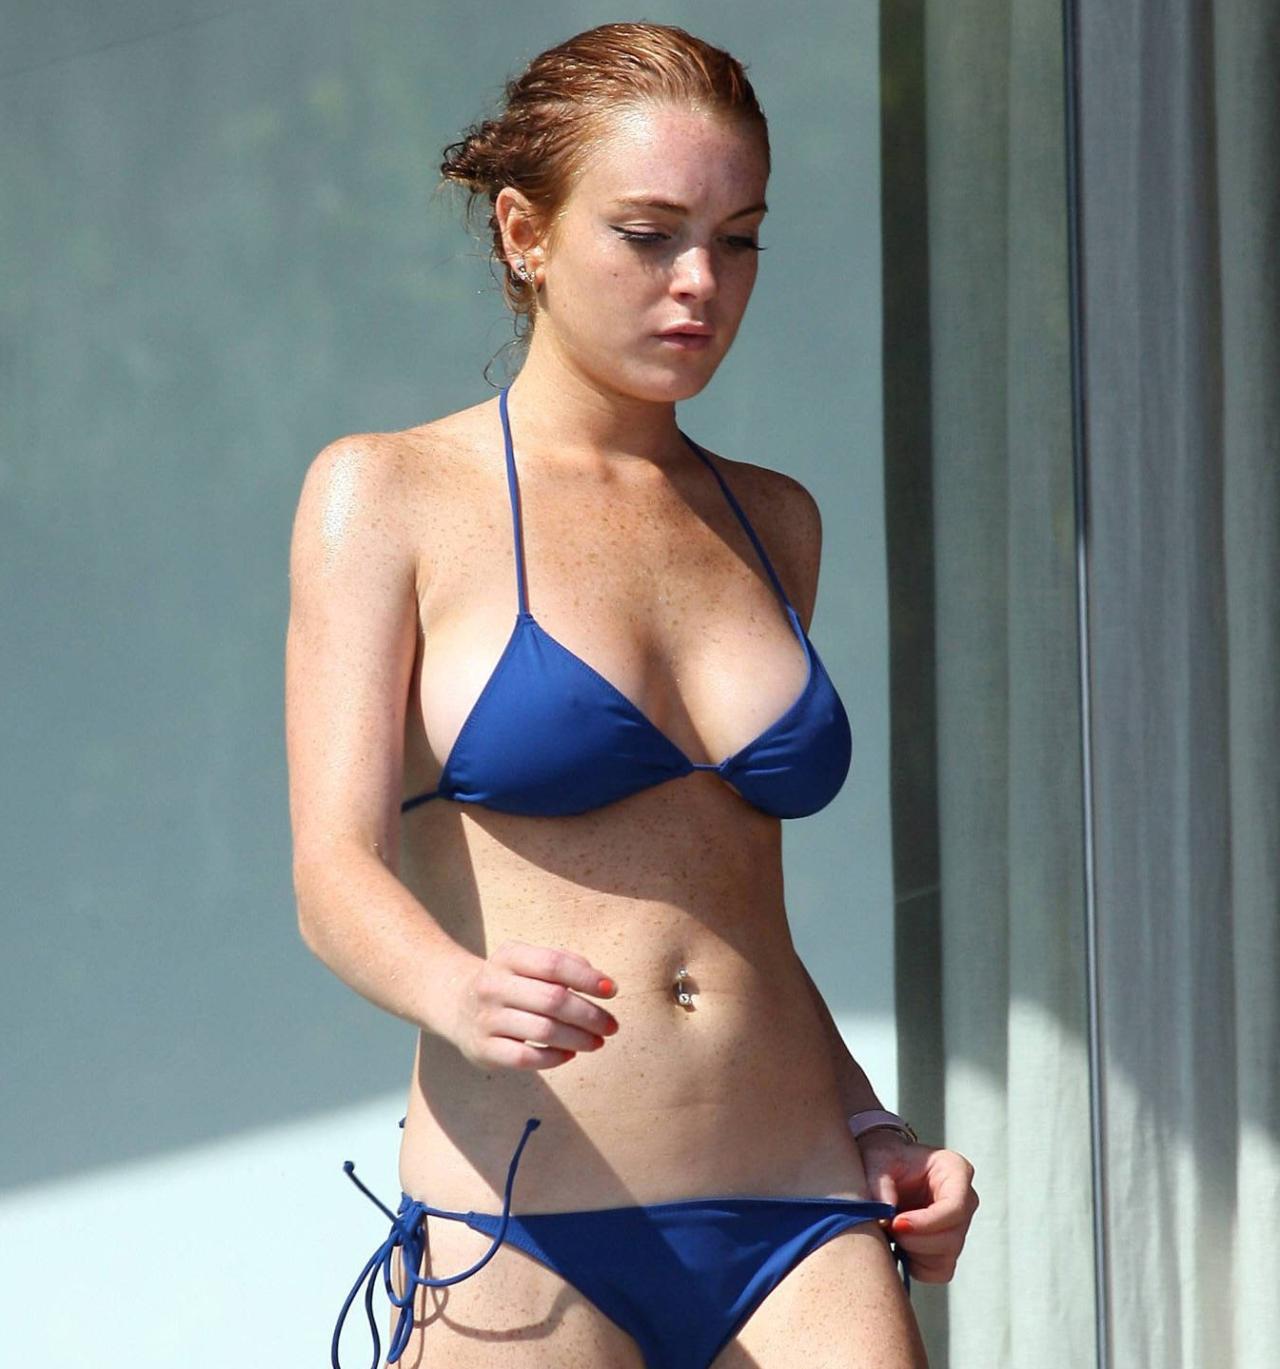 Lindsay Lohan Bikini Pics Ass